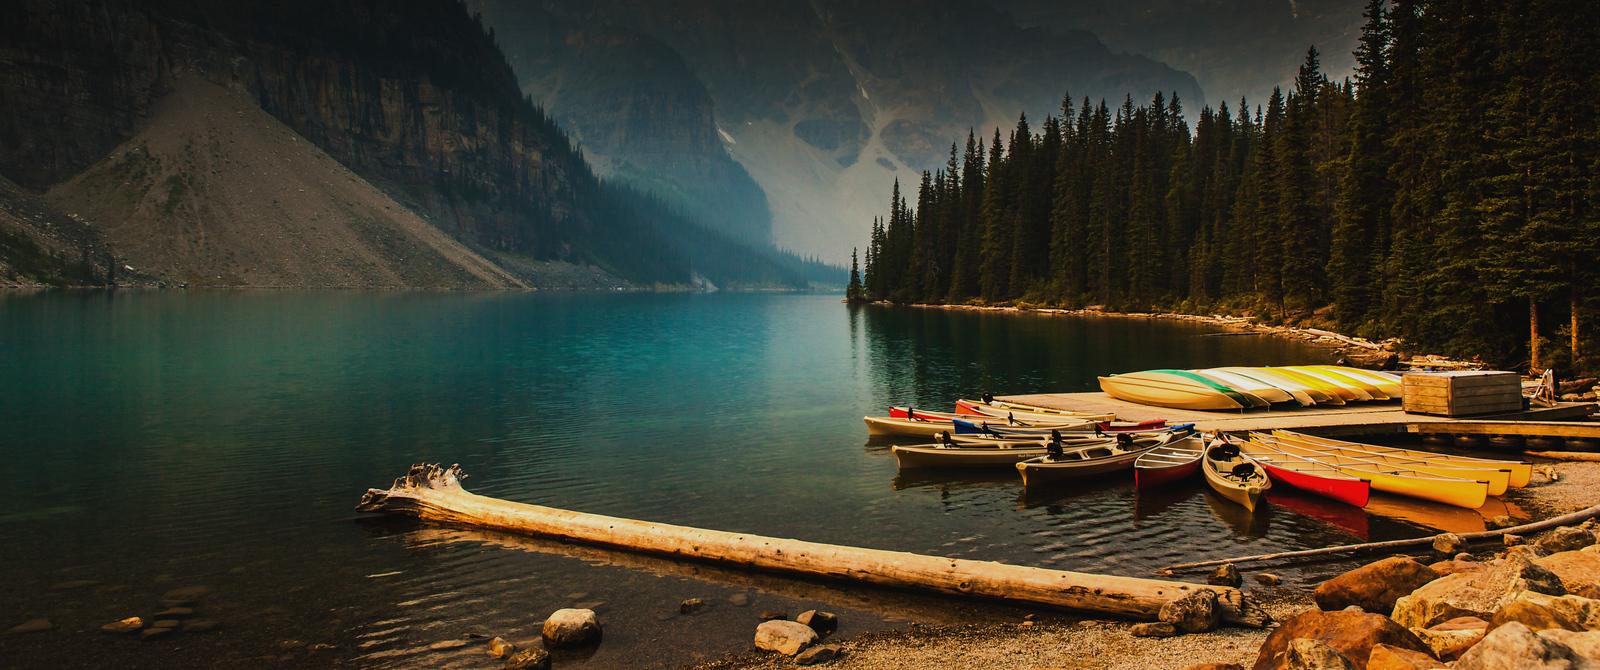 加拿大梦莲湖,有梦的地方